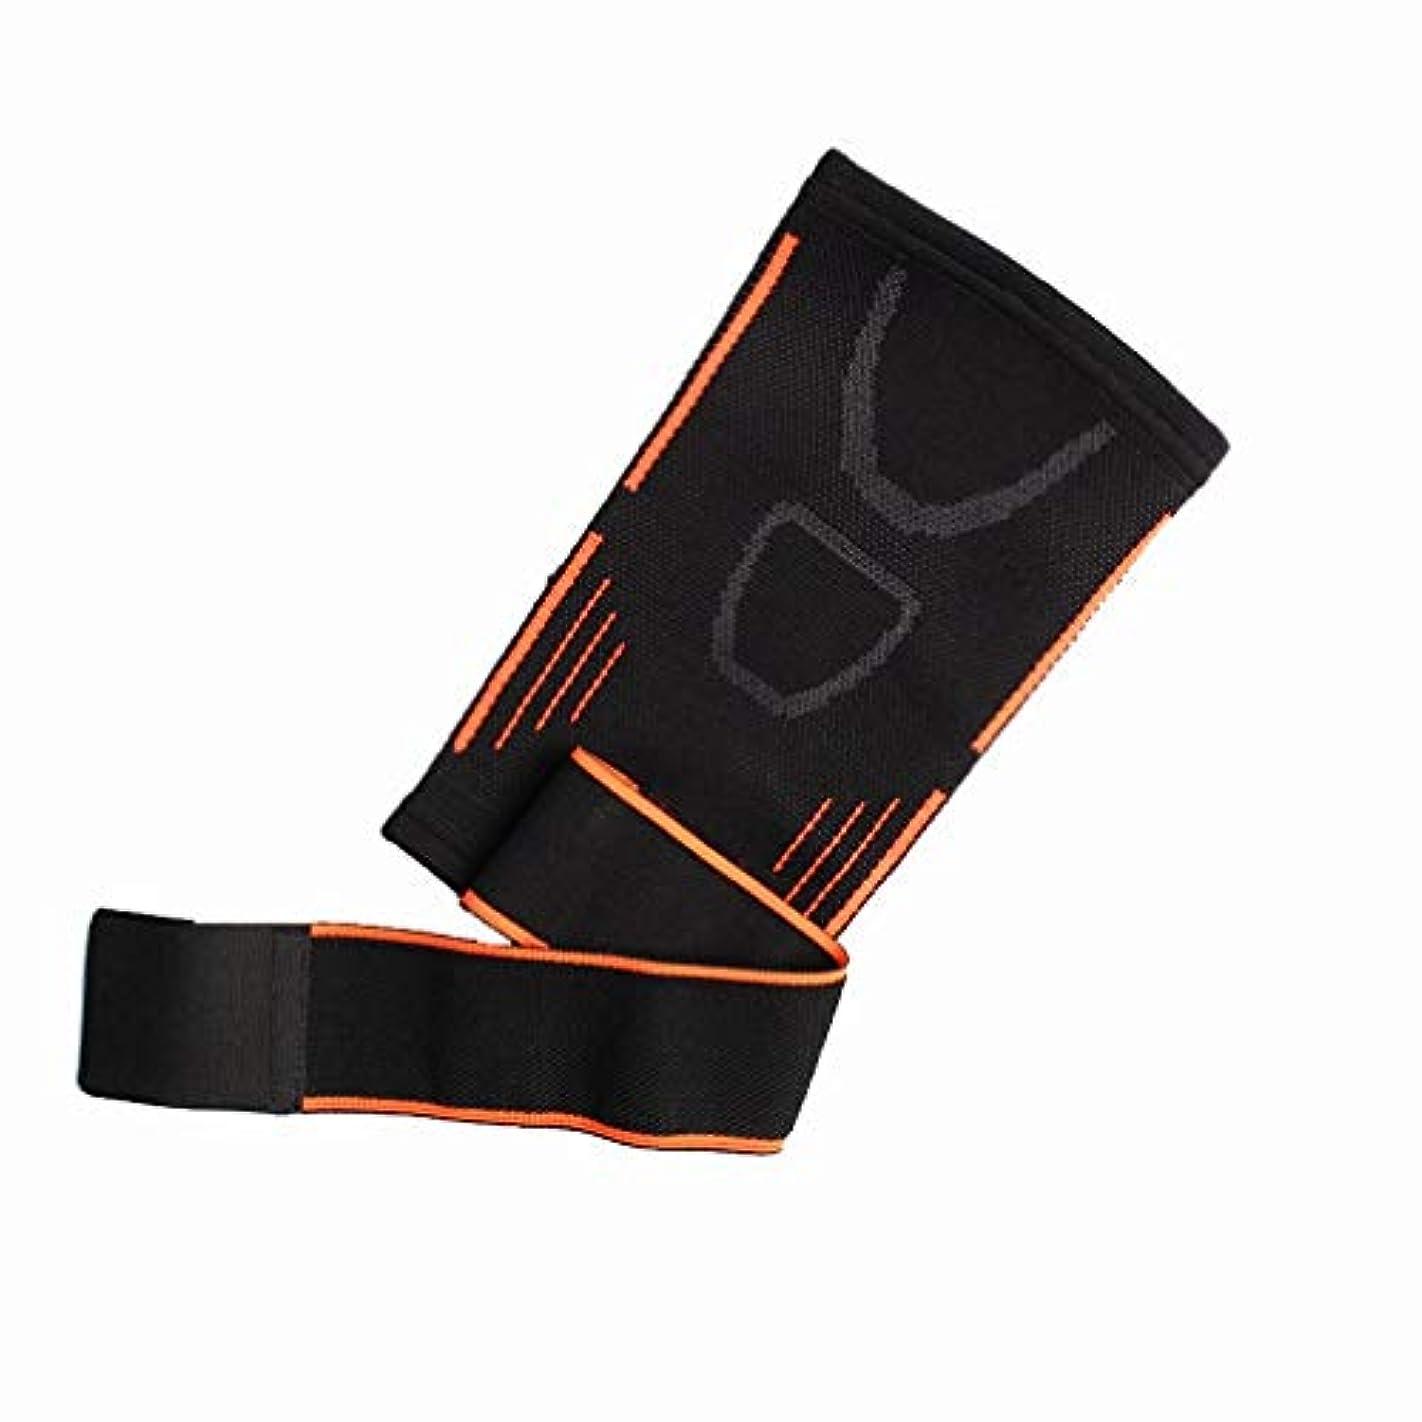 肌制限文字通り屋外スポーツ圧縮肘ニット肘テニス肘サポート肘ガード-Rustle666